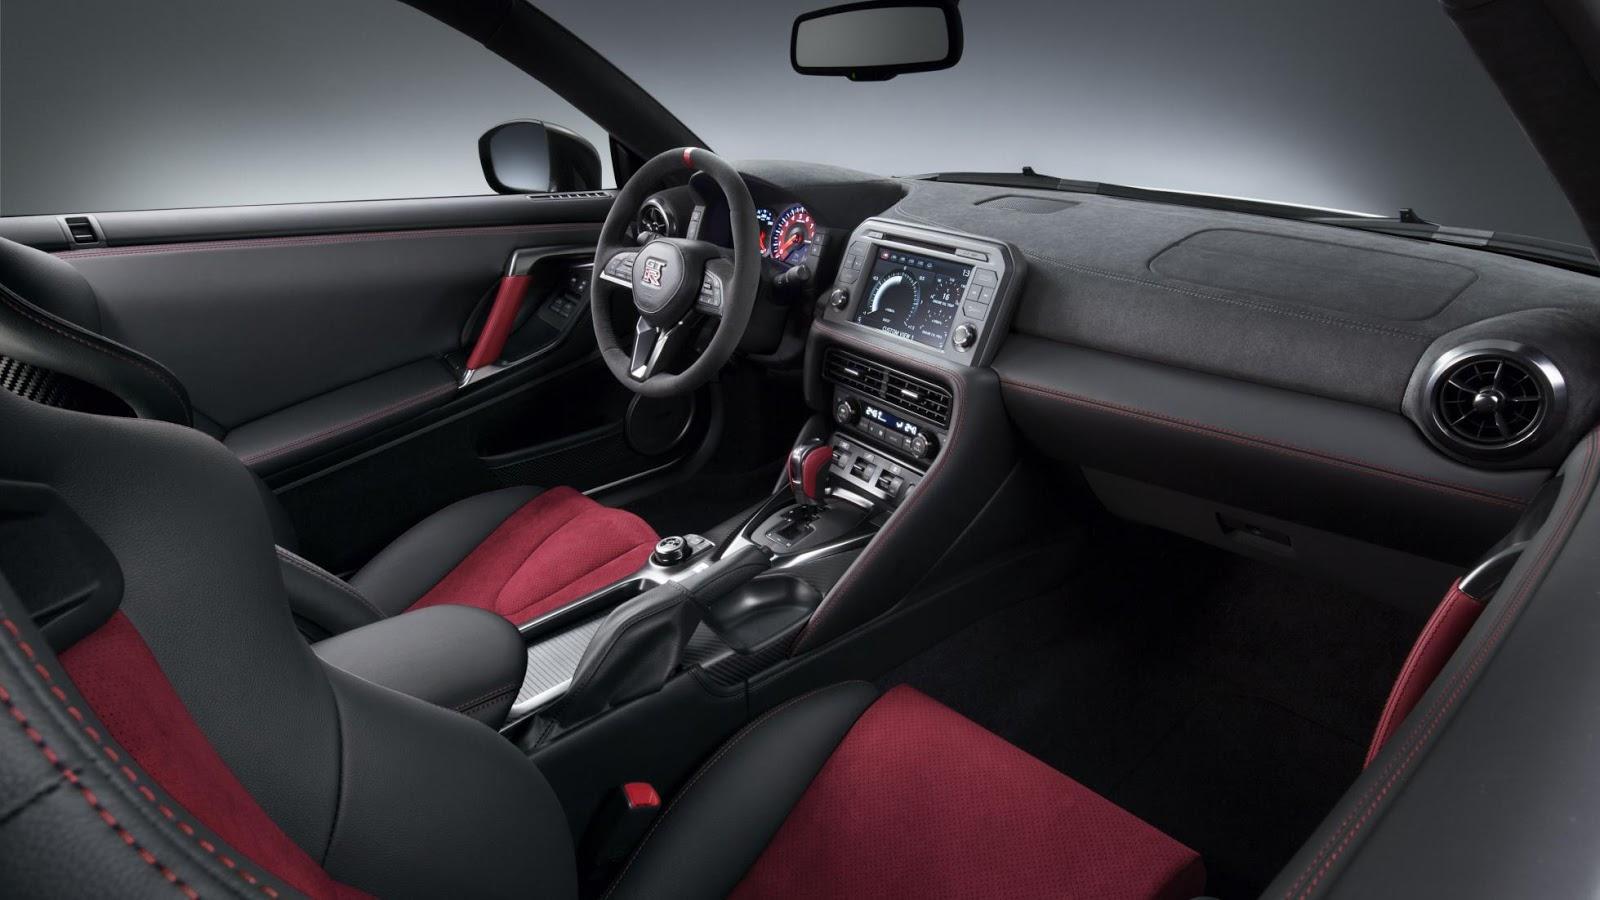 Bản cao cấp nhất của Nissan GT-R là Nismo chính thức trở lại